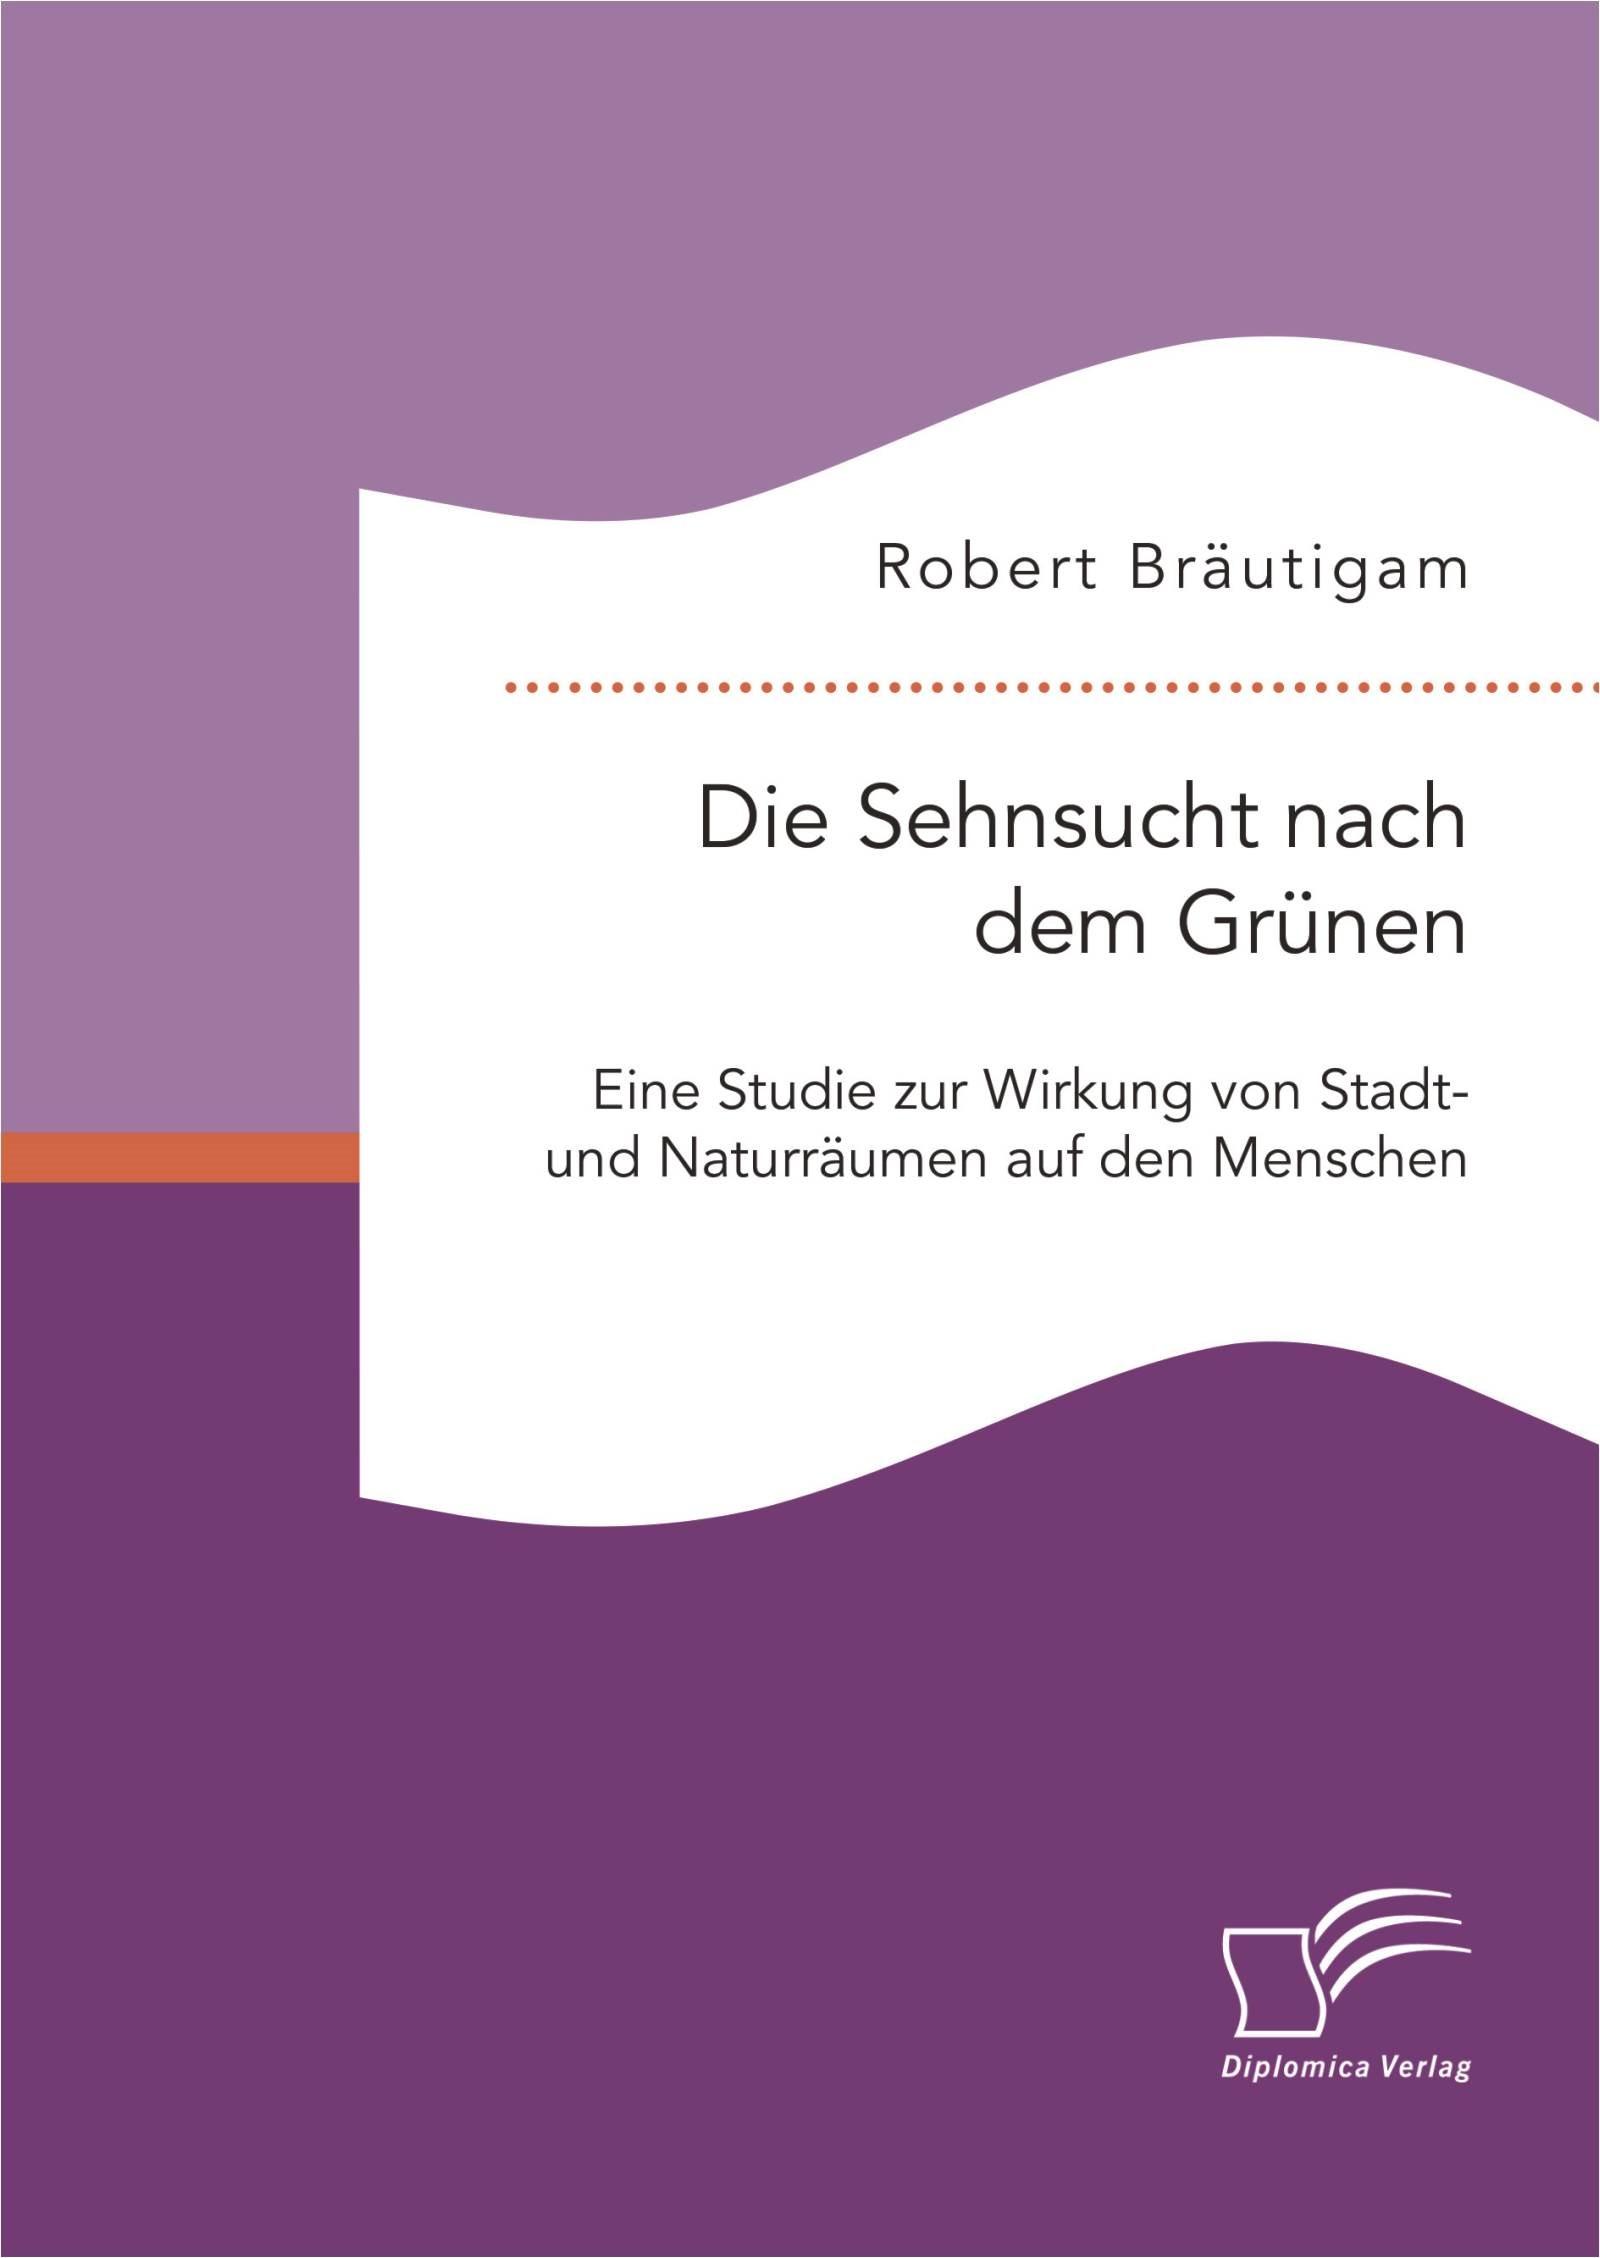 Die Sehnsucht nach dem Grünen: Eine Studie zur Wirkung von Stadt- und Naturräumen auf den Menschen   Bräutigam   Erstauflage, 2015   Buch (Cover)